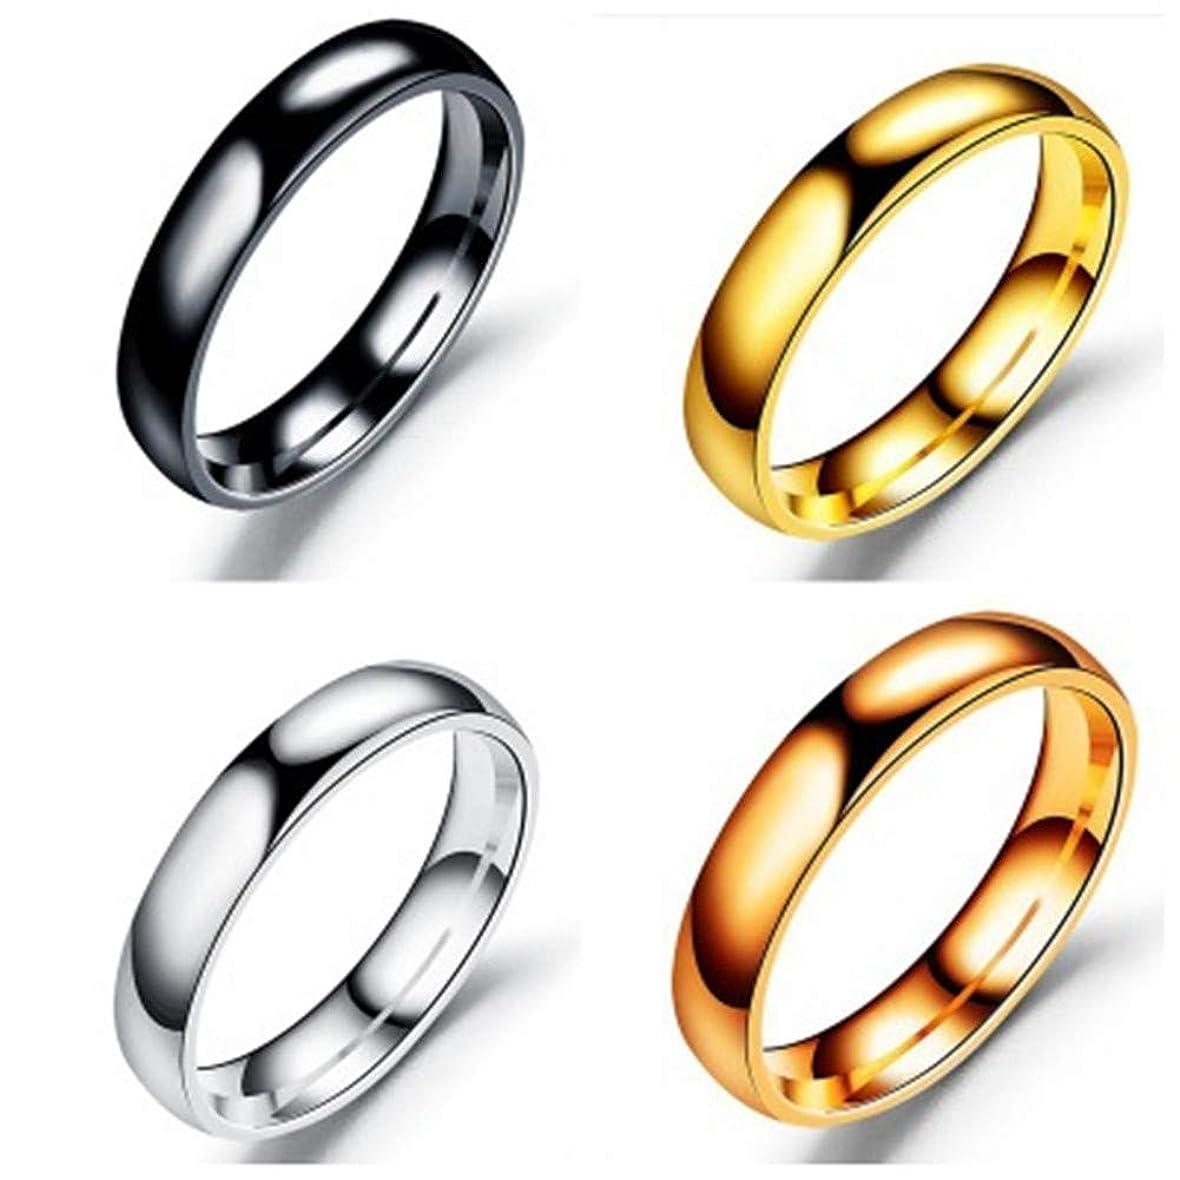 のぞき穴動かないインカ帝国4点セット売り 肌に優しい サージカルステンレス リング カップル ペアリング メンズ リング レディース リング 婚約指輪 結婚指輪 3-5点セット売り 16スタイル 9-25号揃え (3, 18)